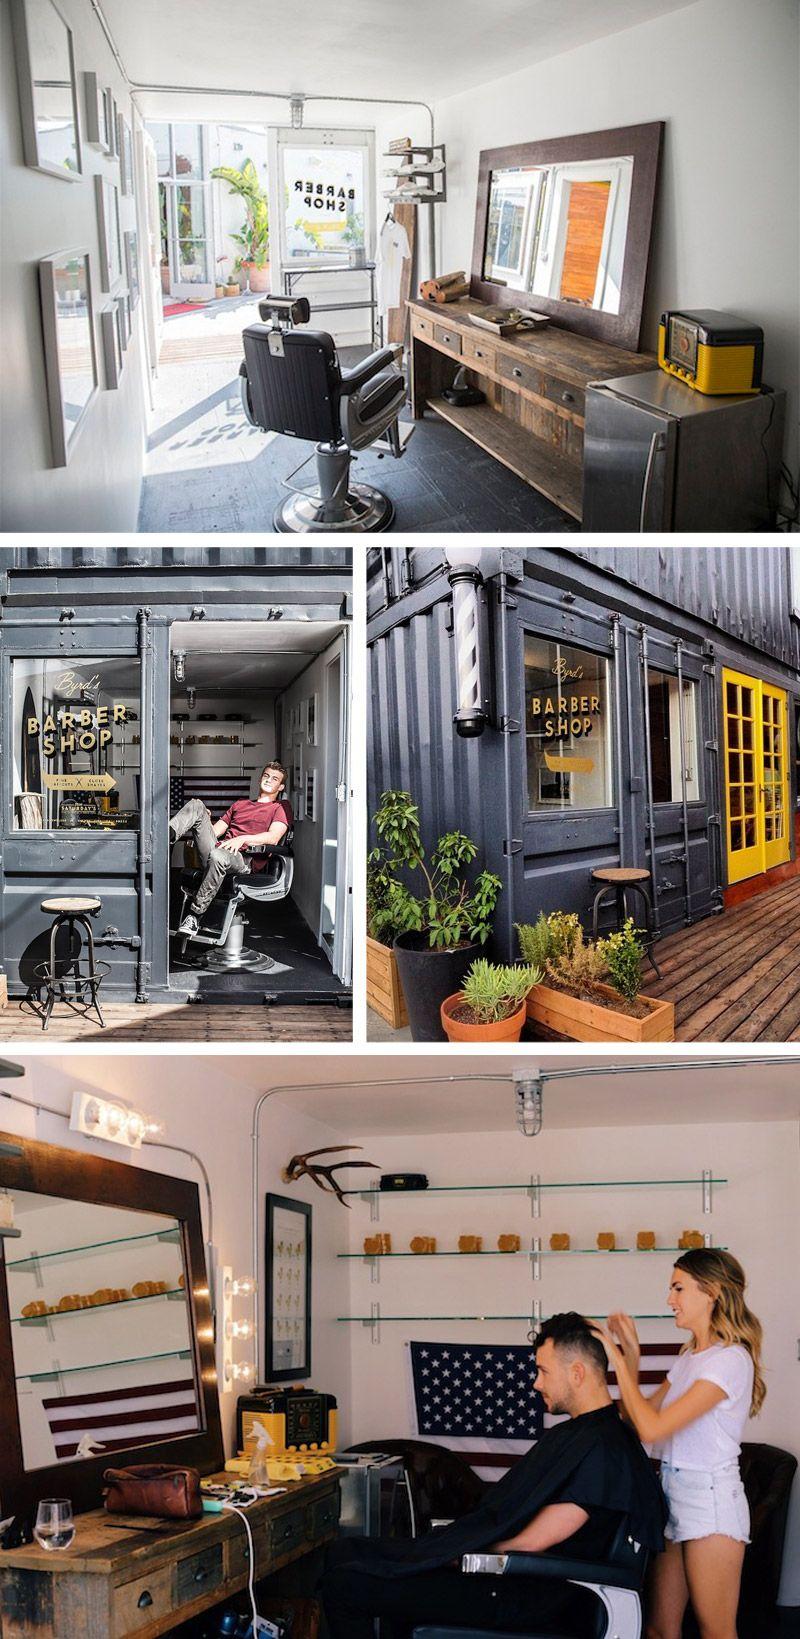 Barbearia feita com container blog remob lia decora o for Casa shop vincere